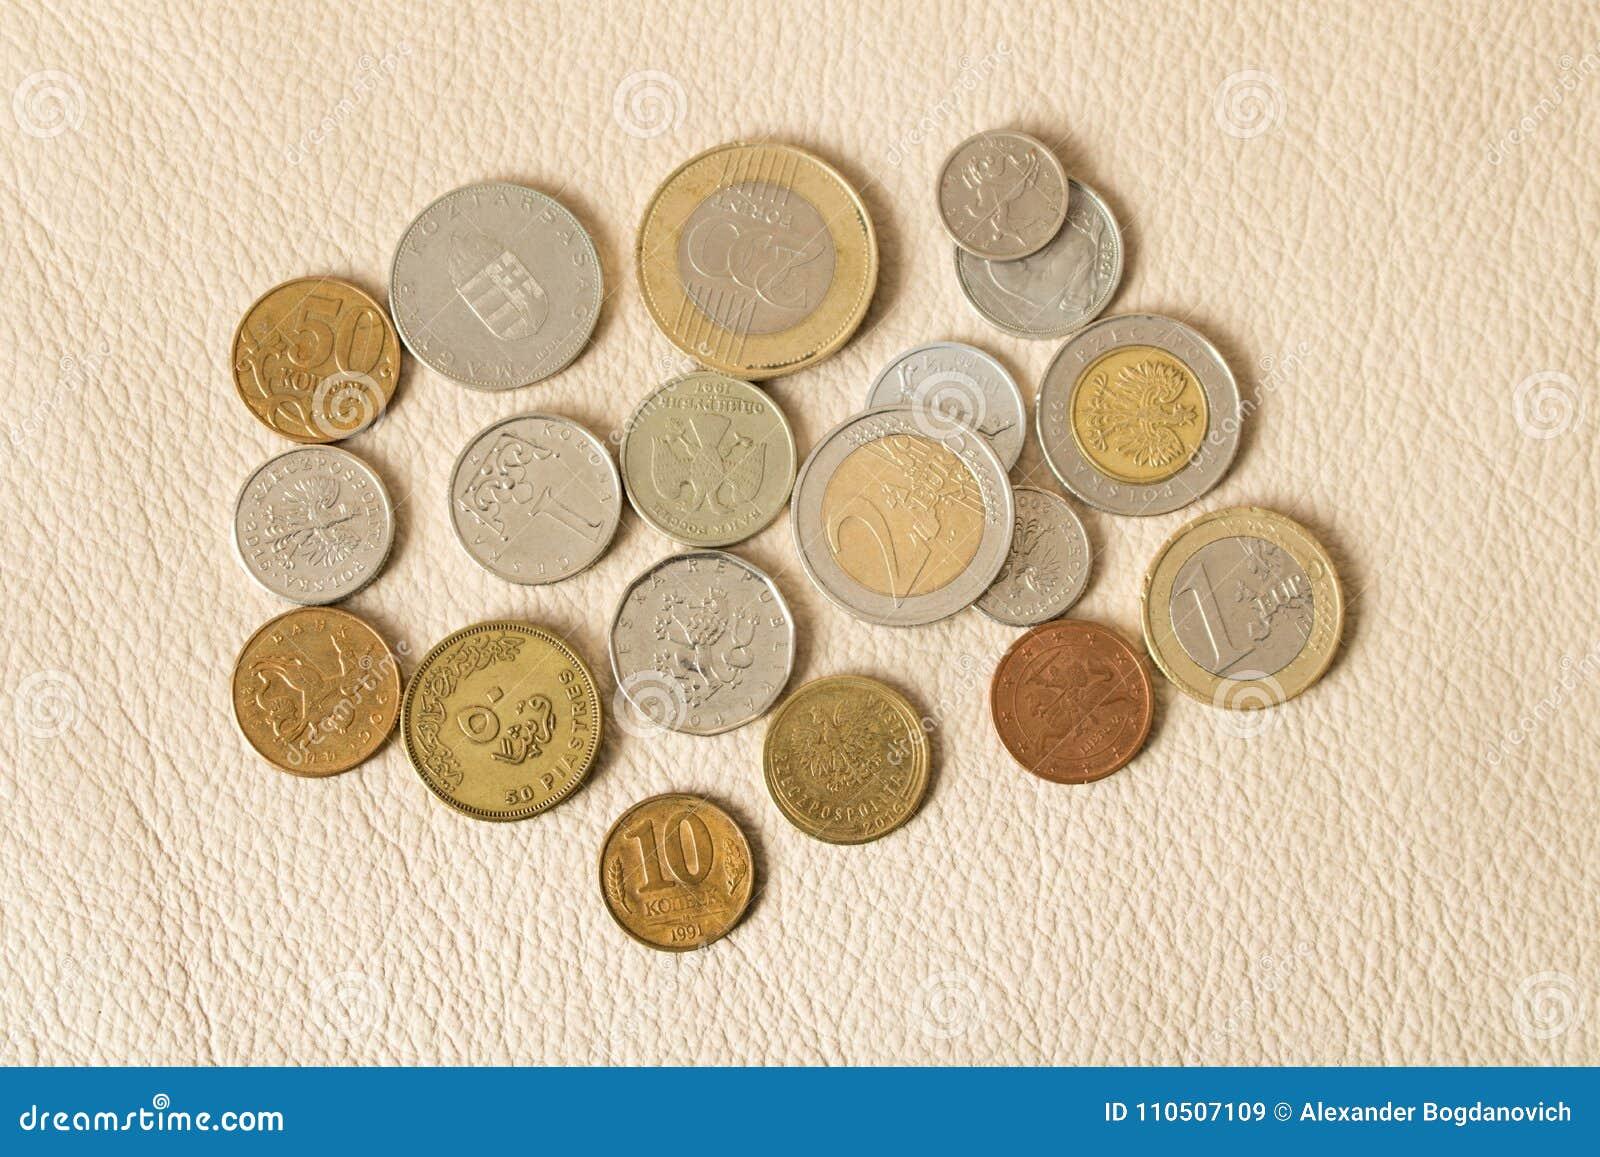 Muitas moedas dispersadas em um fundo de couro